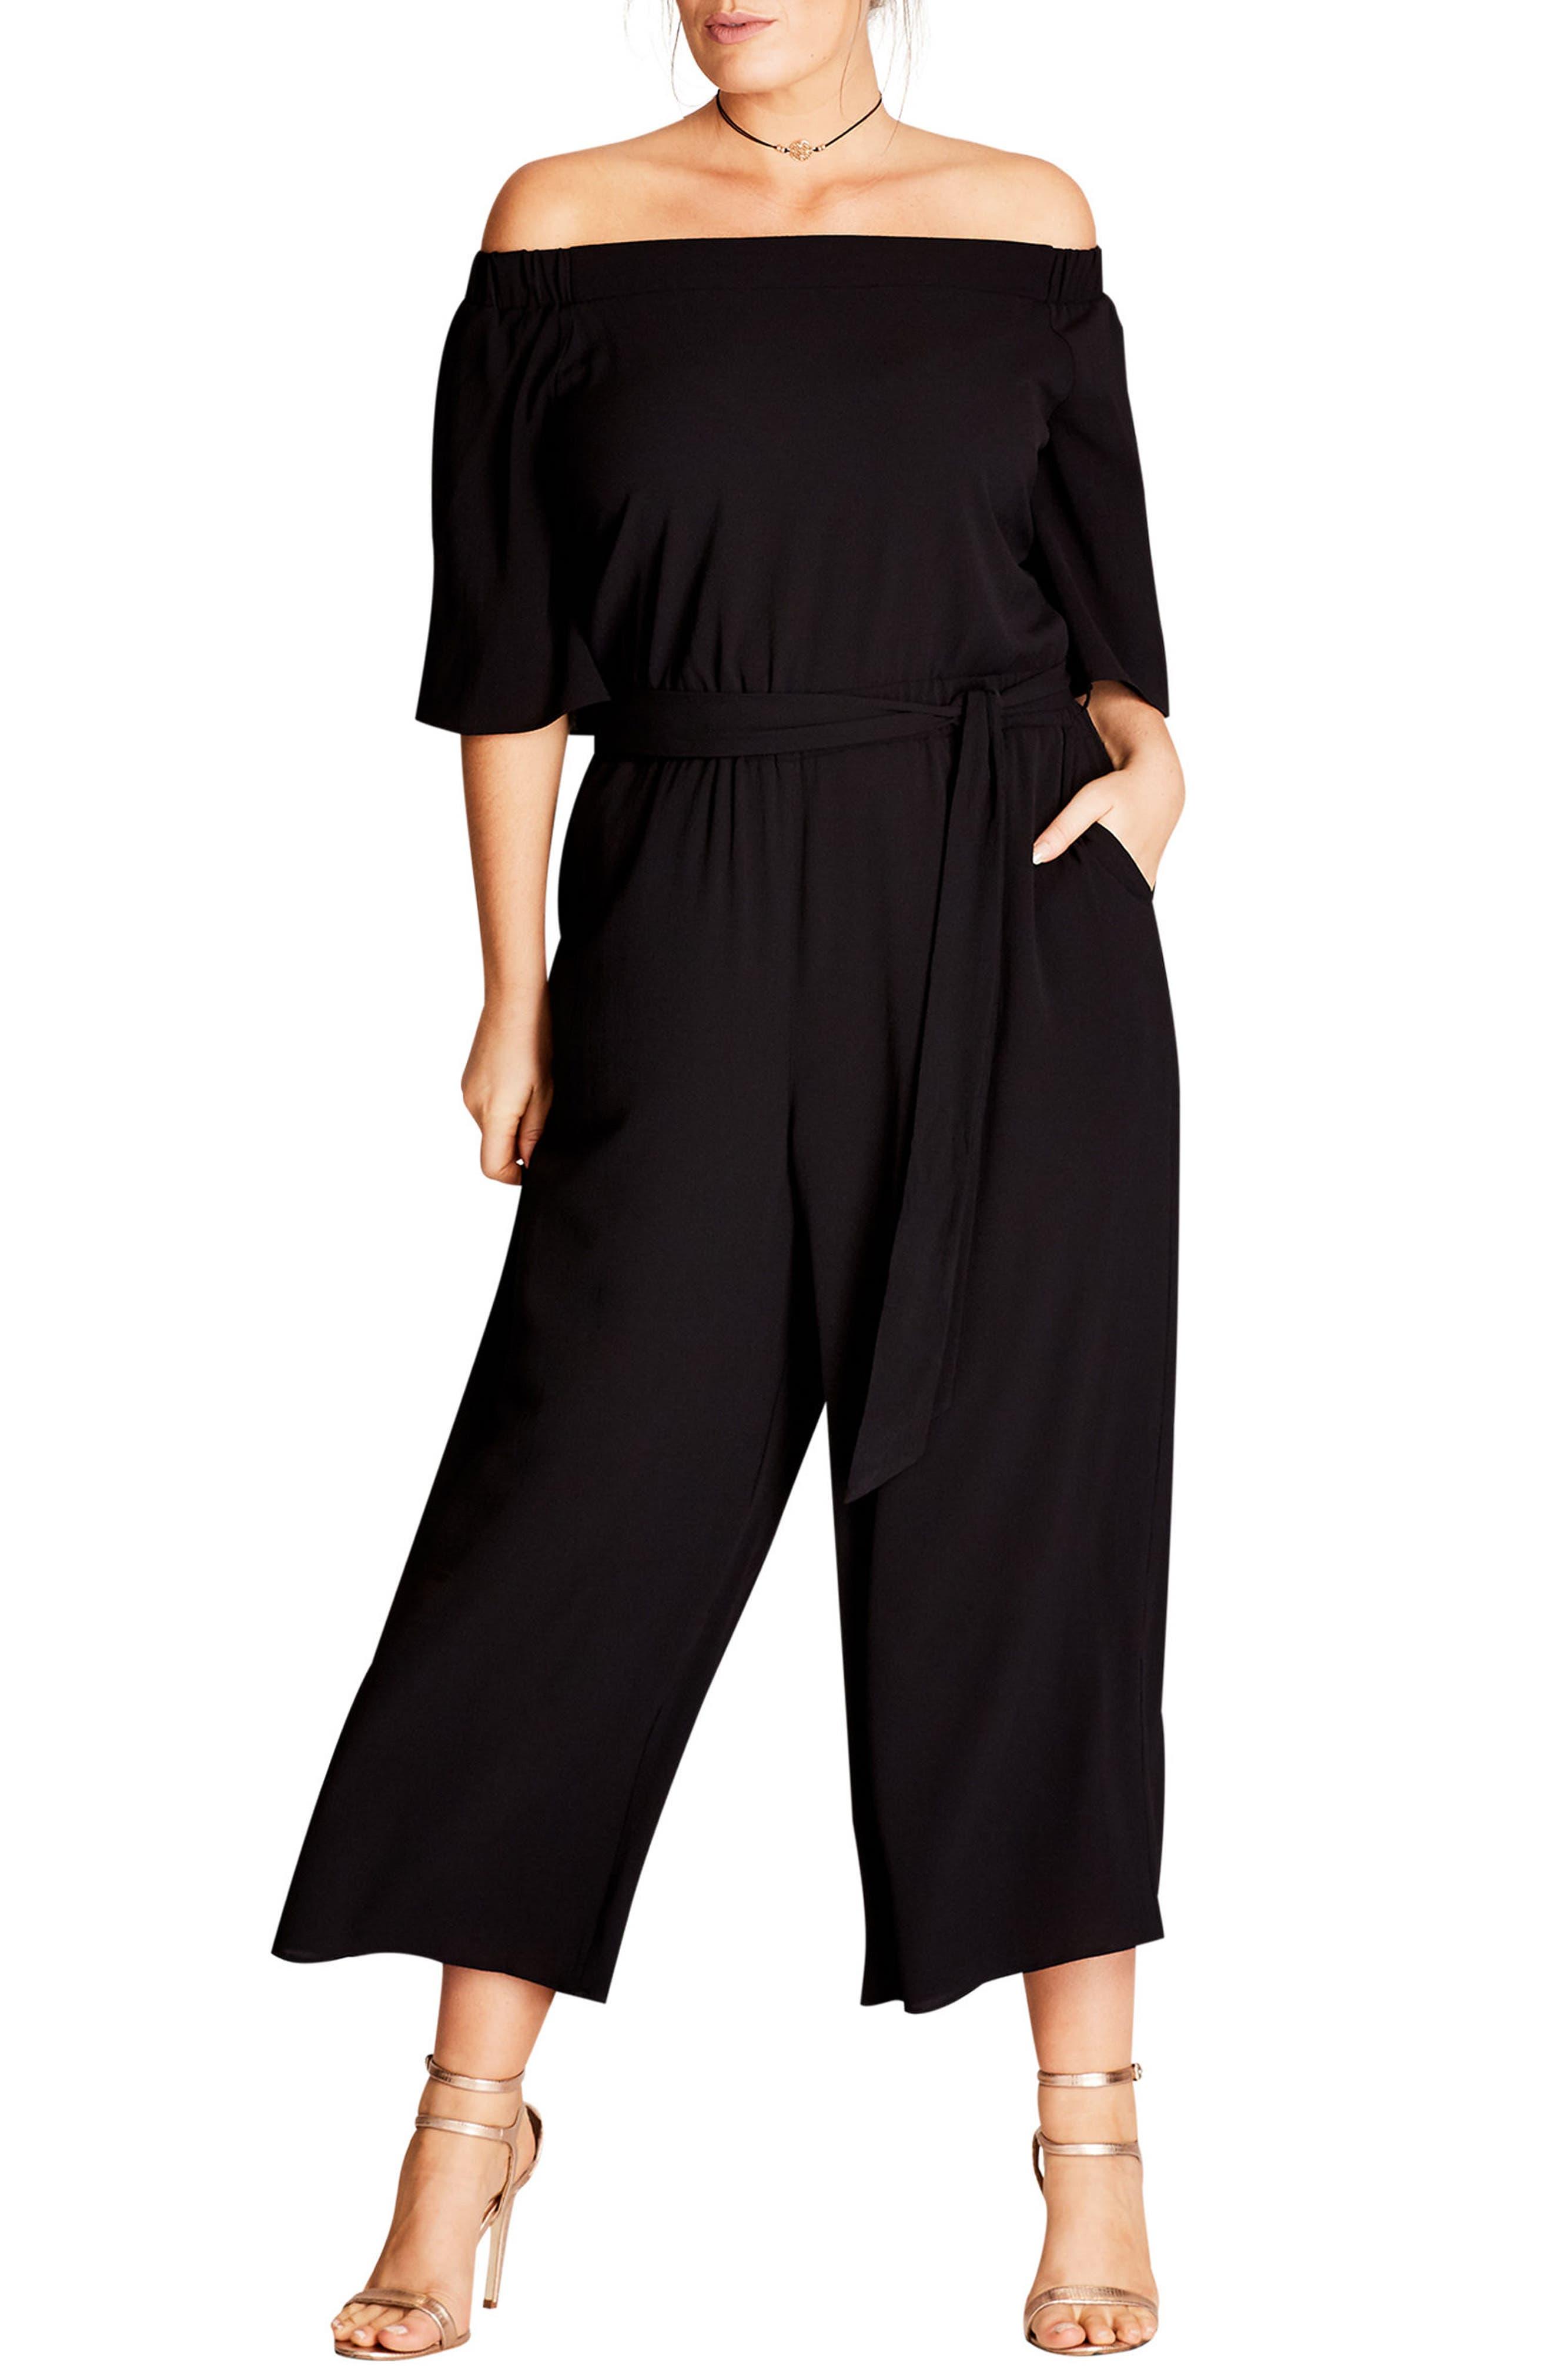 Main Image - City Chic Off the Shoulder Jumpsuit (Plus Size)